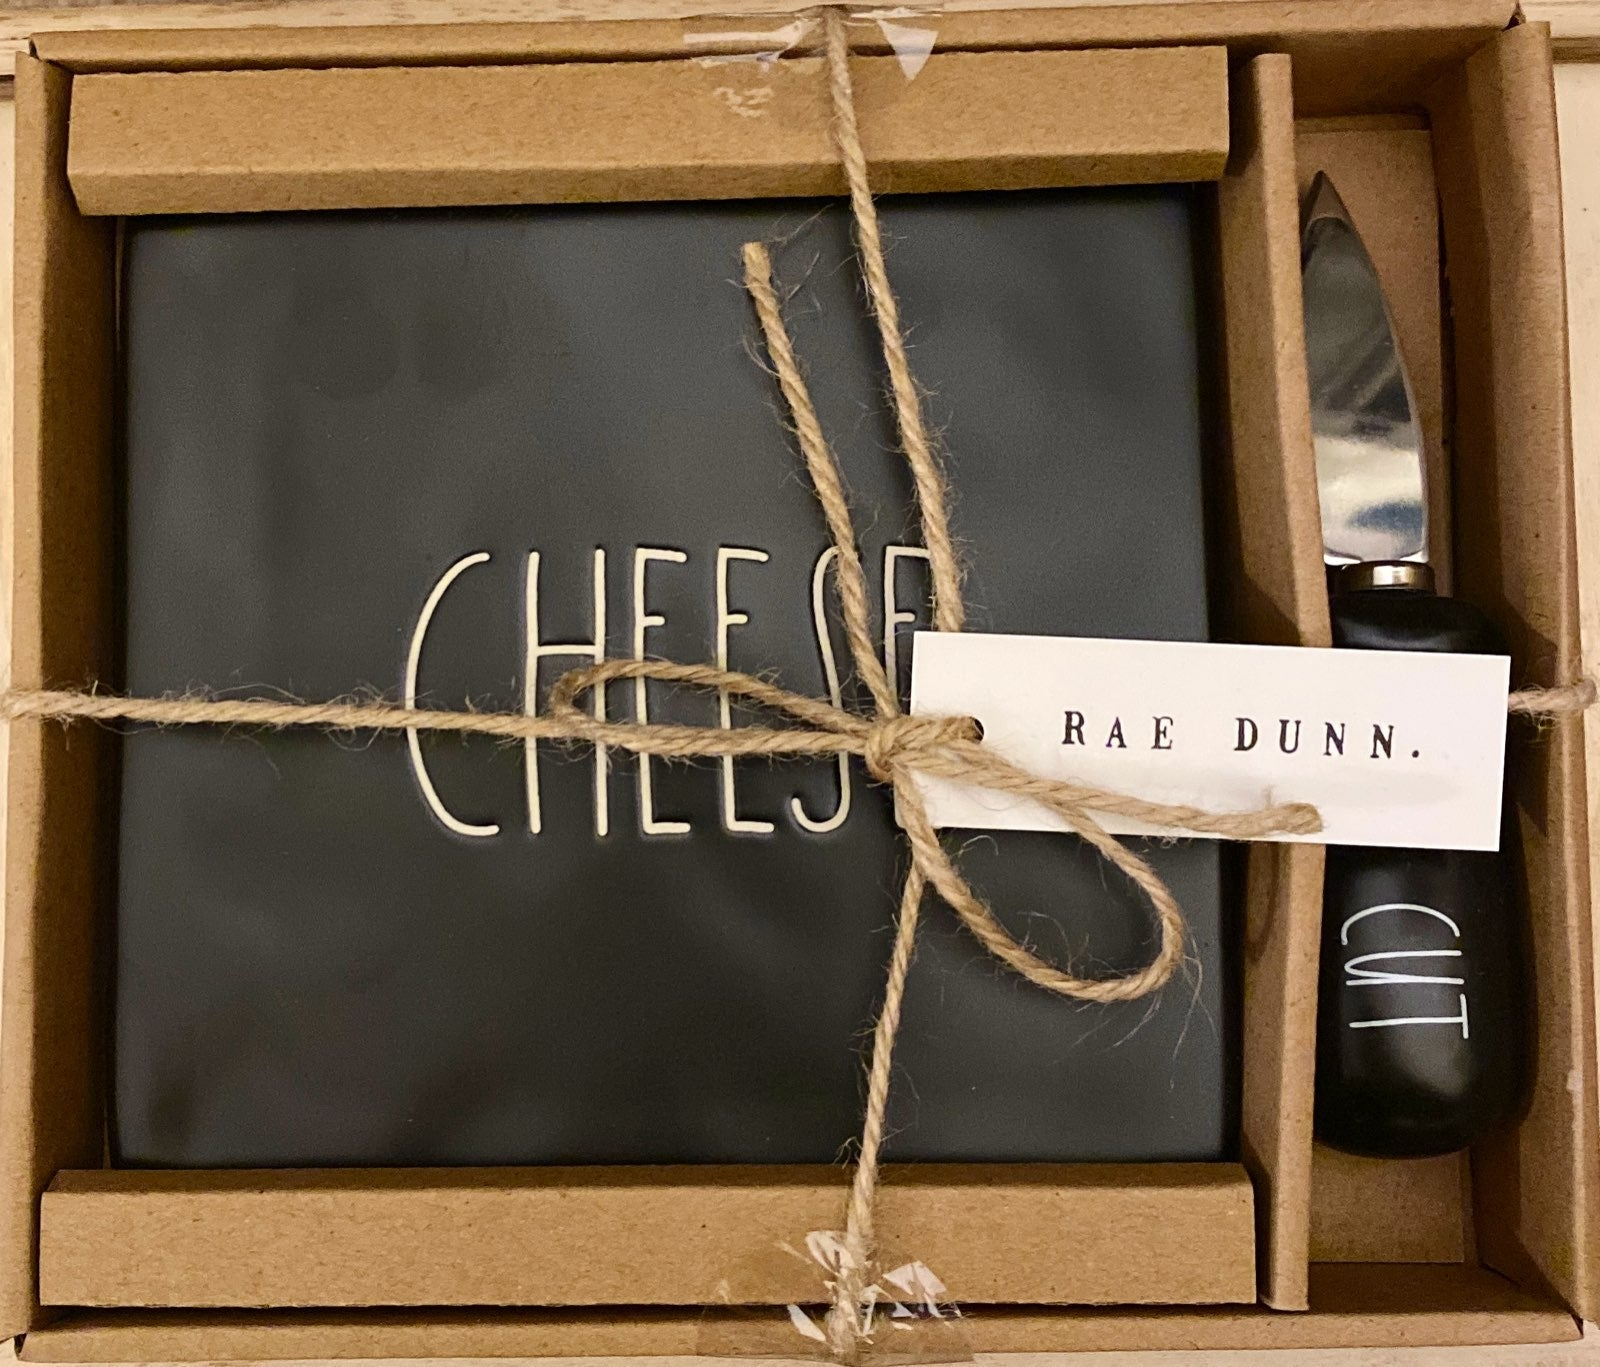 Rae Dunn Cheese plate set